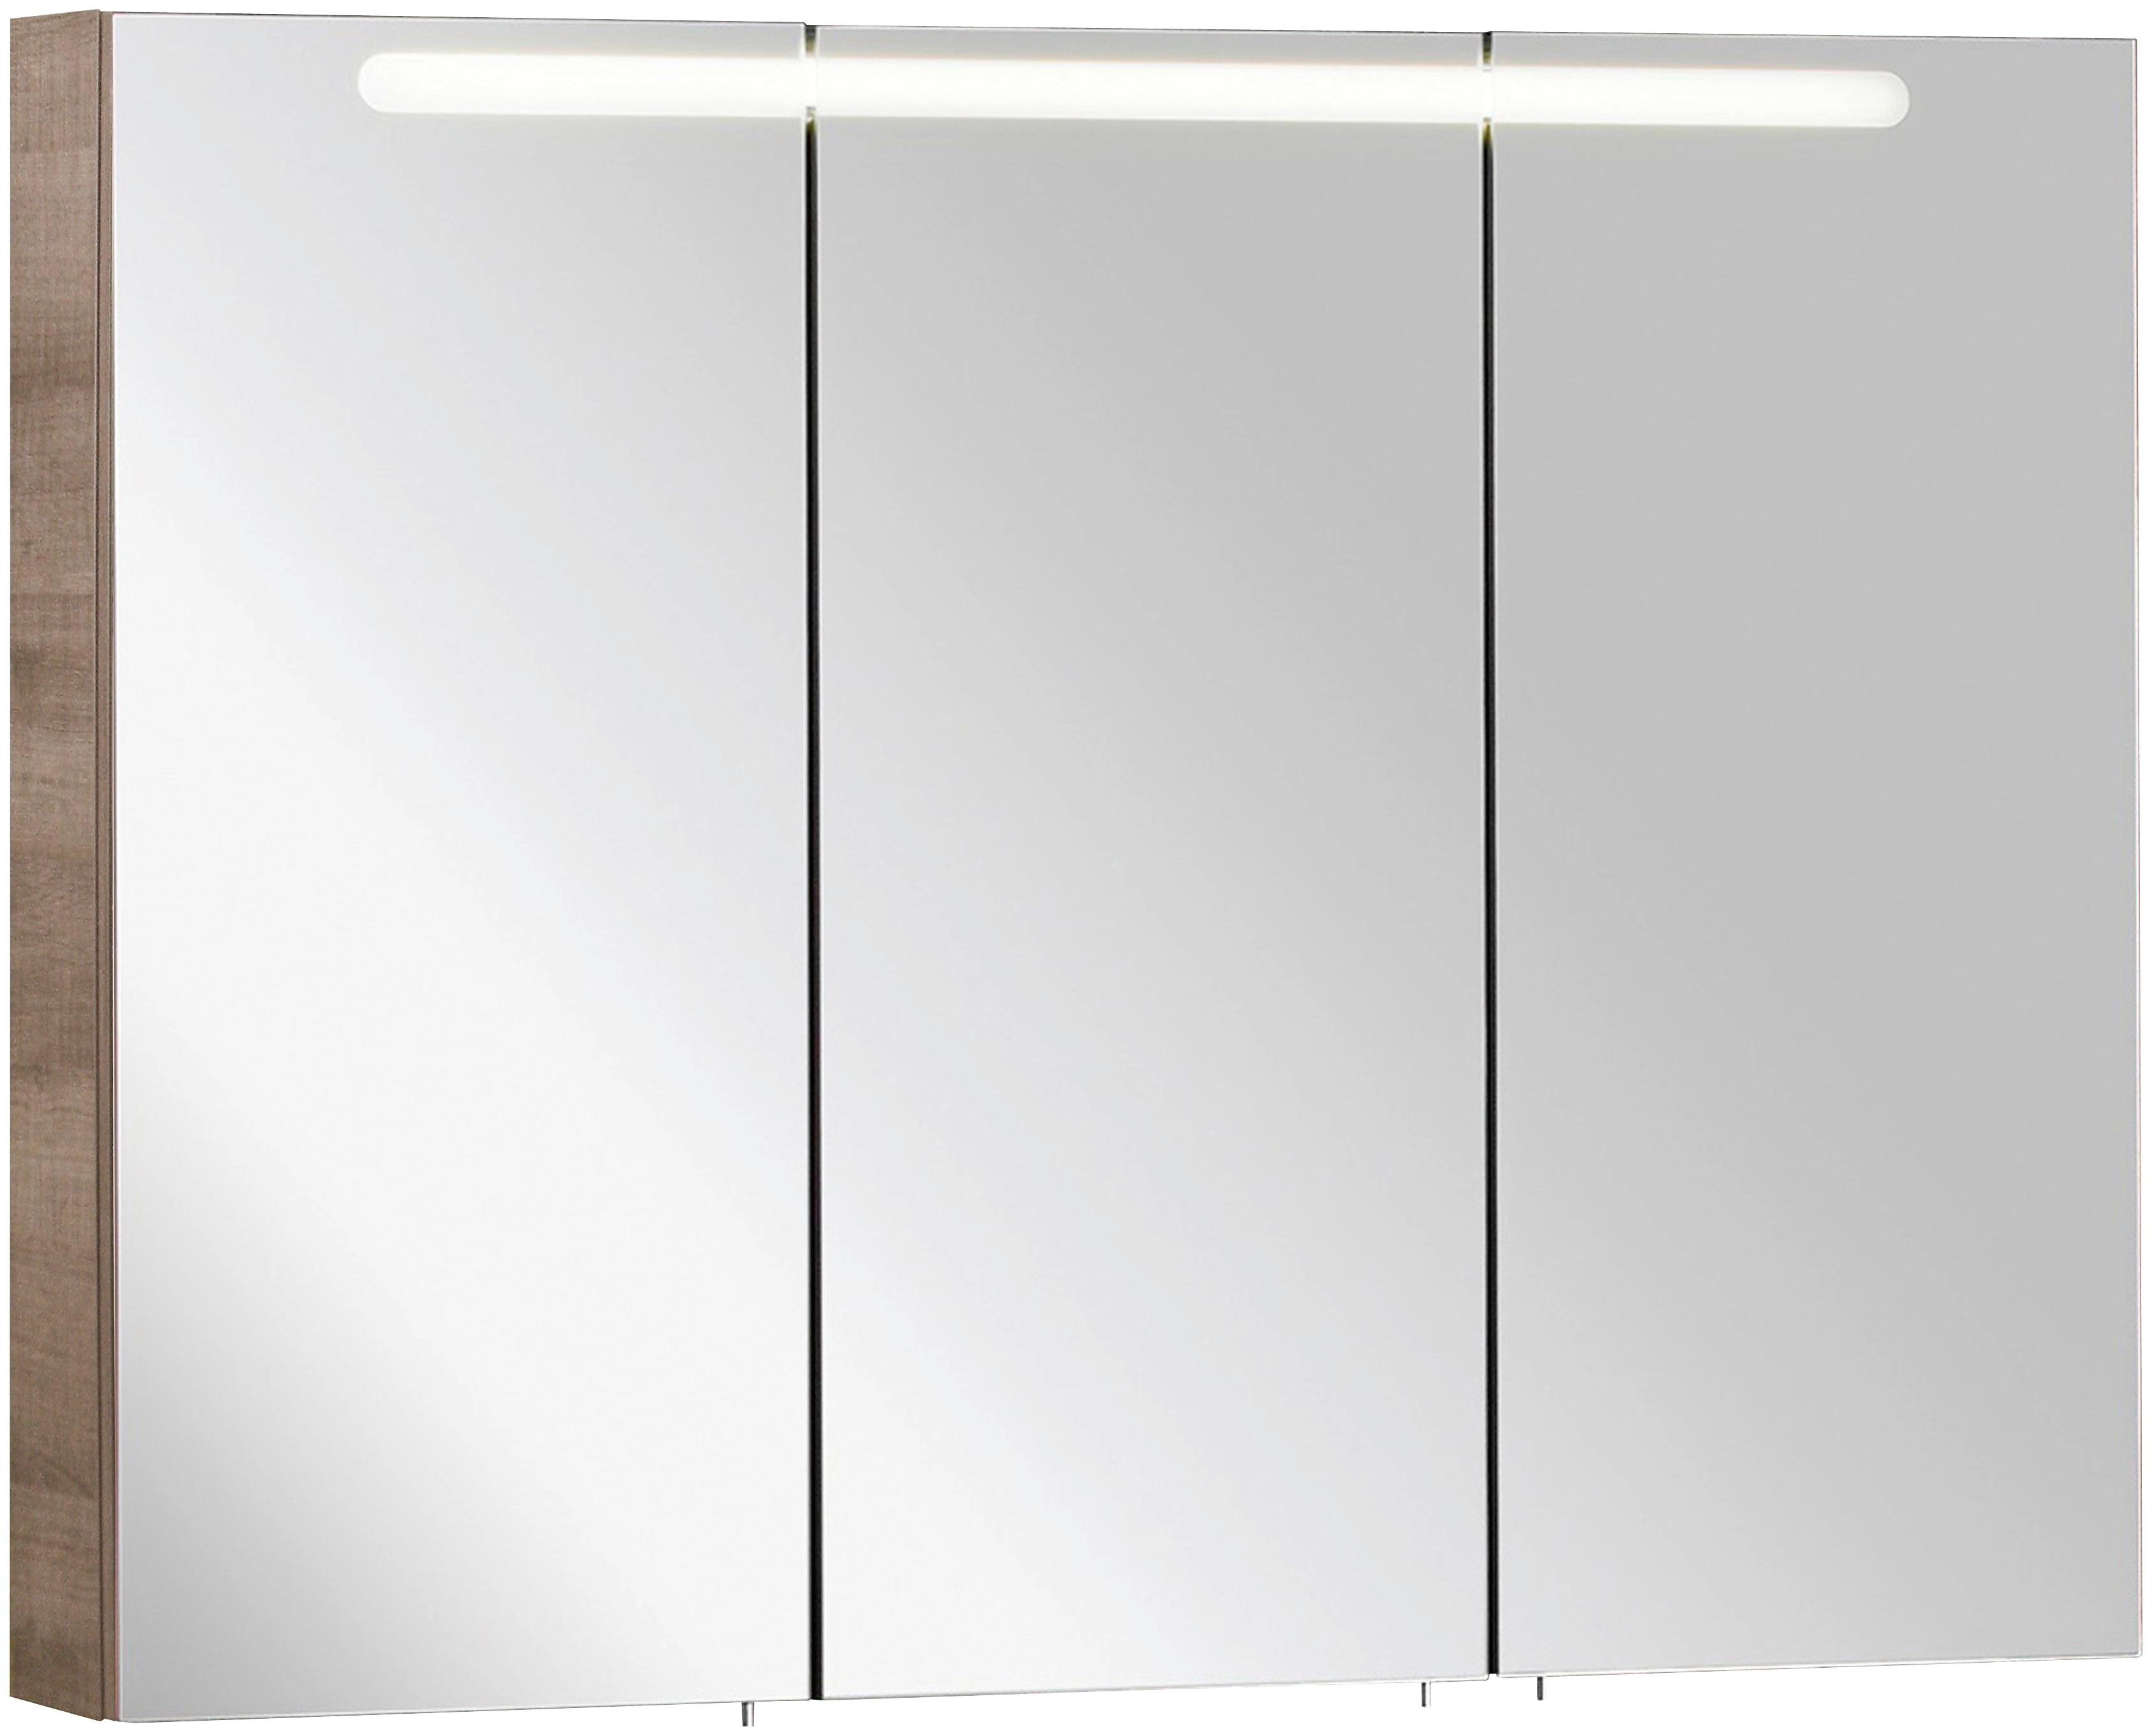 FACKELMANN Spiegelschrank braun Bad-Spiegelschränke Badschränke Schränke